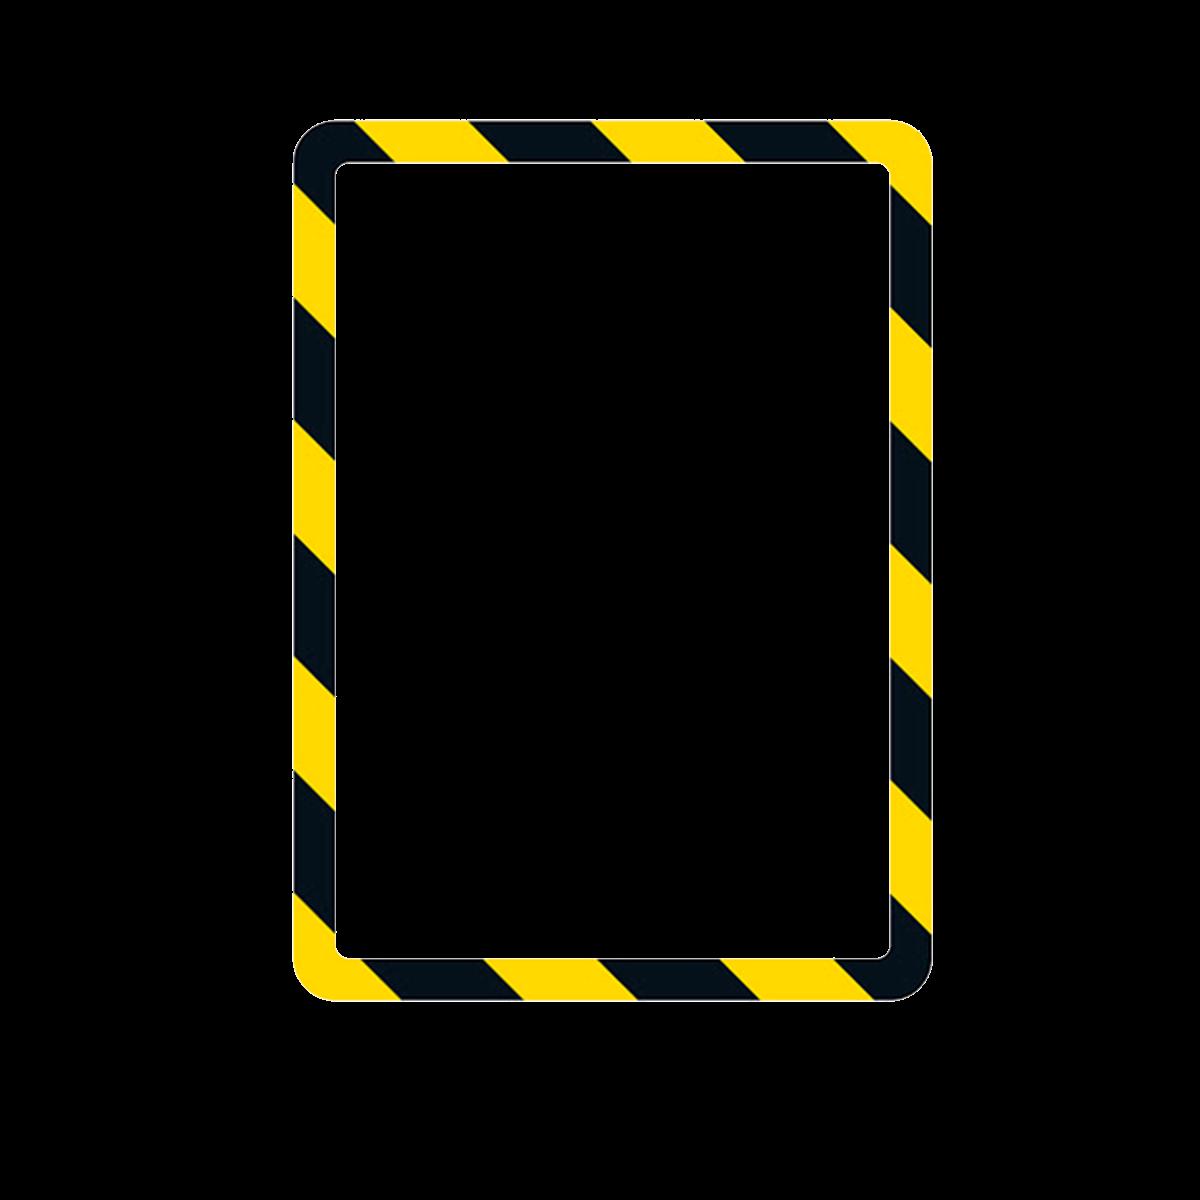 Safety frame